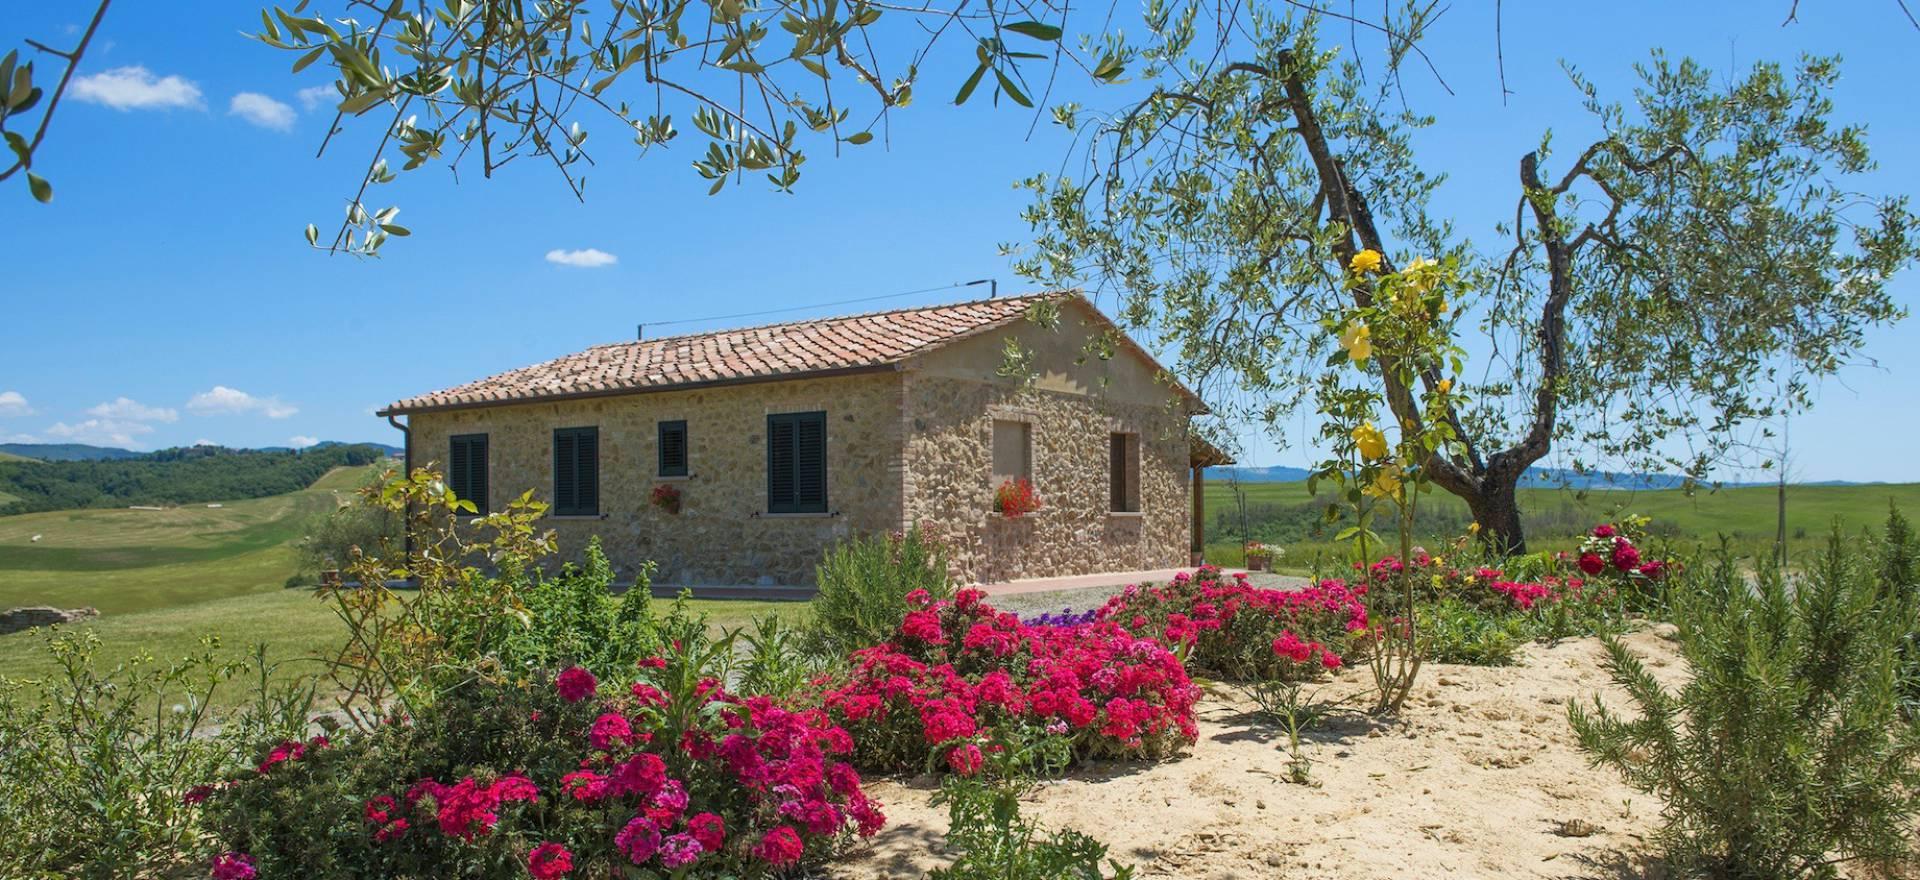 Agriturismo Toskana Agriturismo Toskana, familienfreundlich, und mit schönem Pool